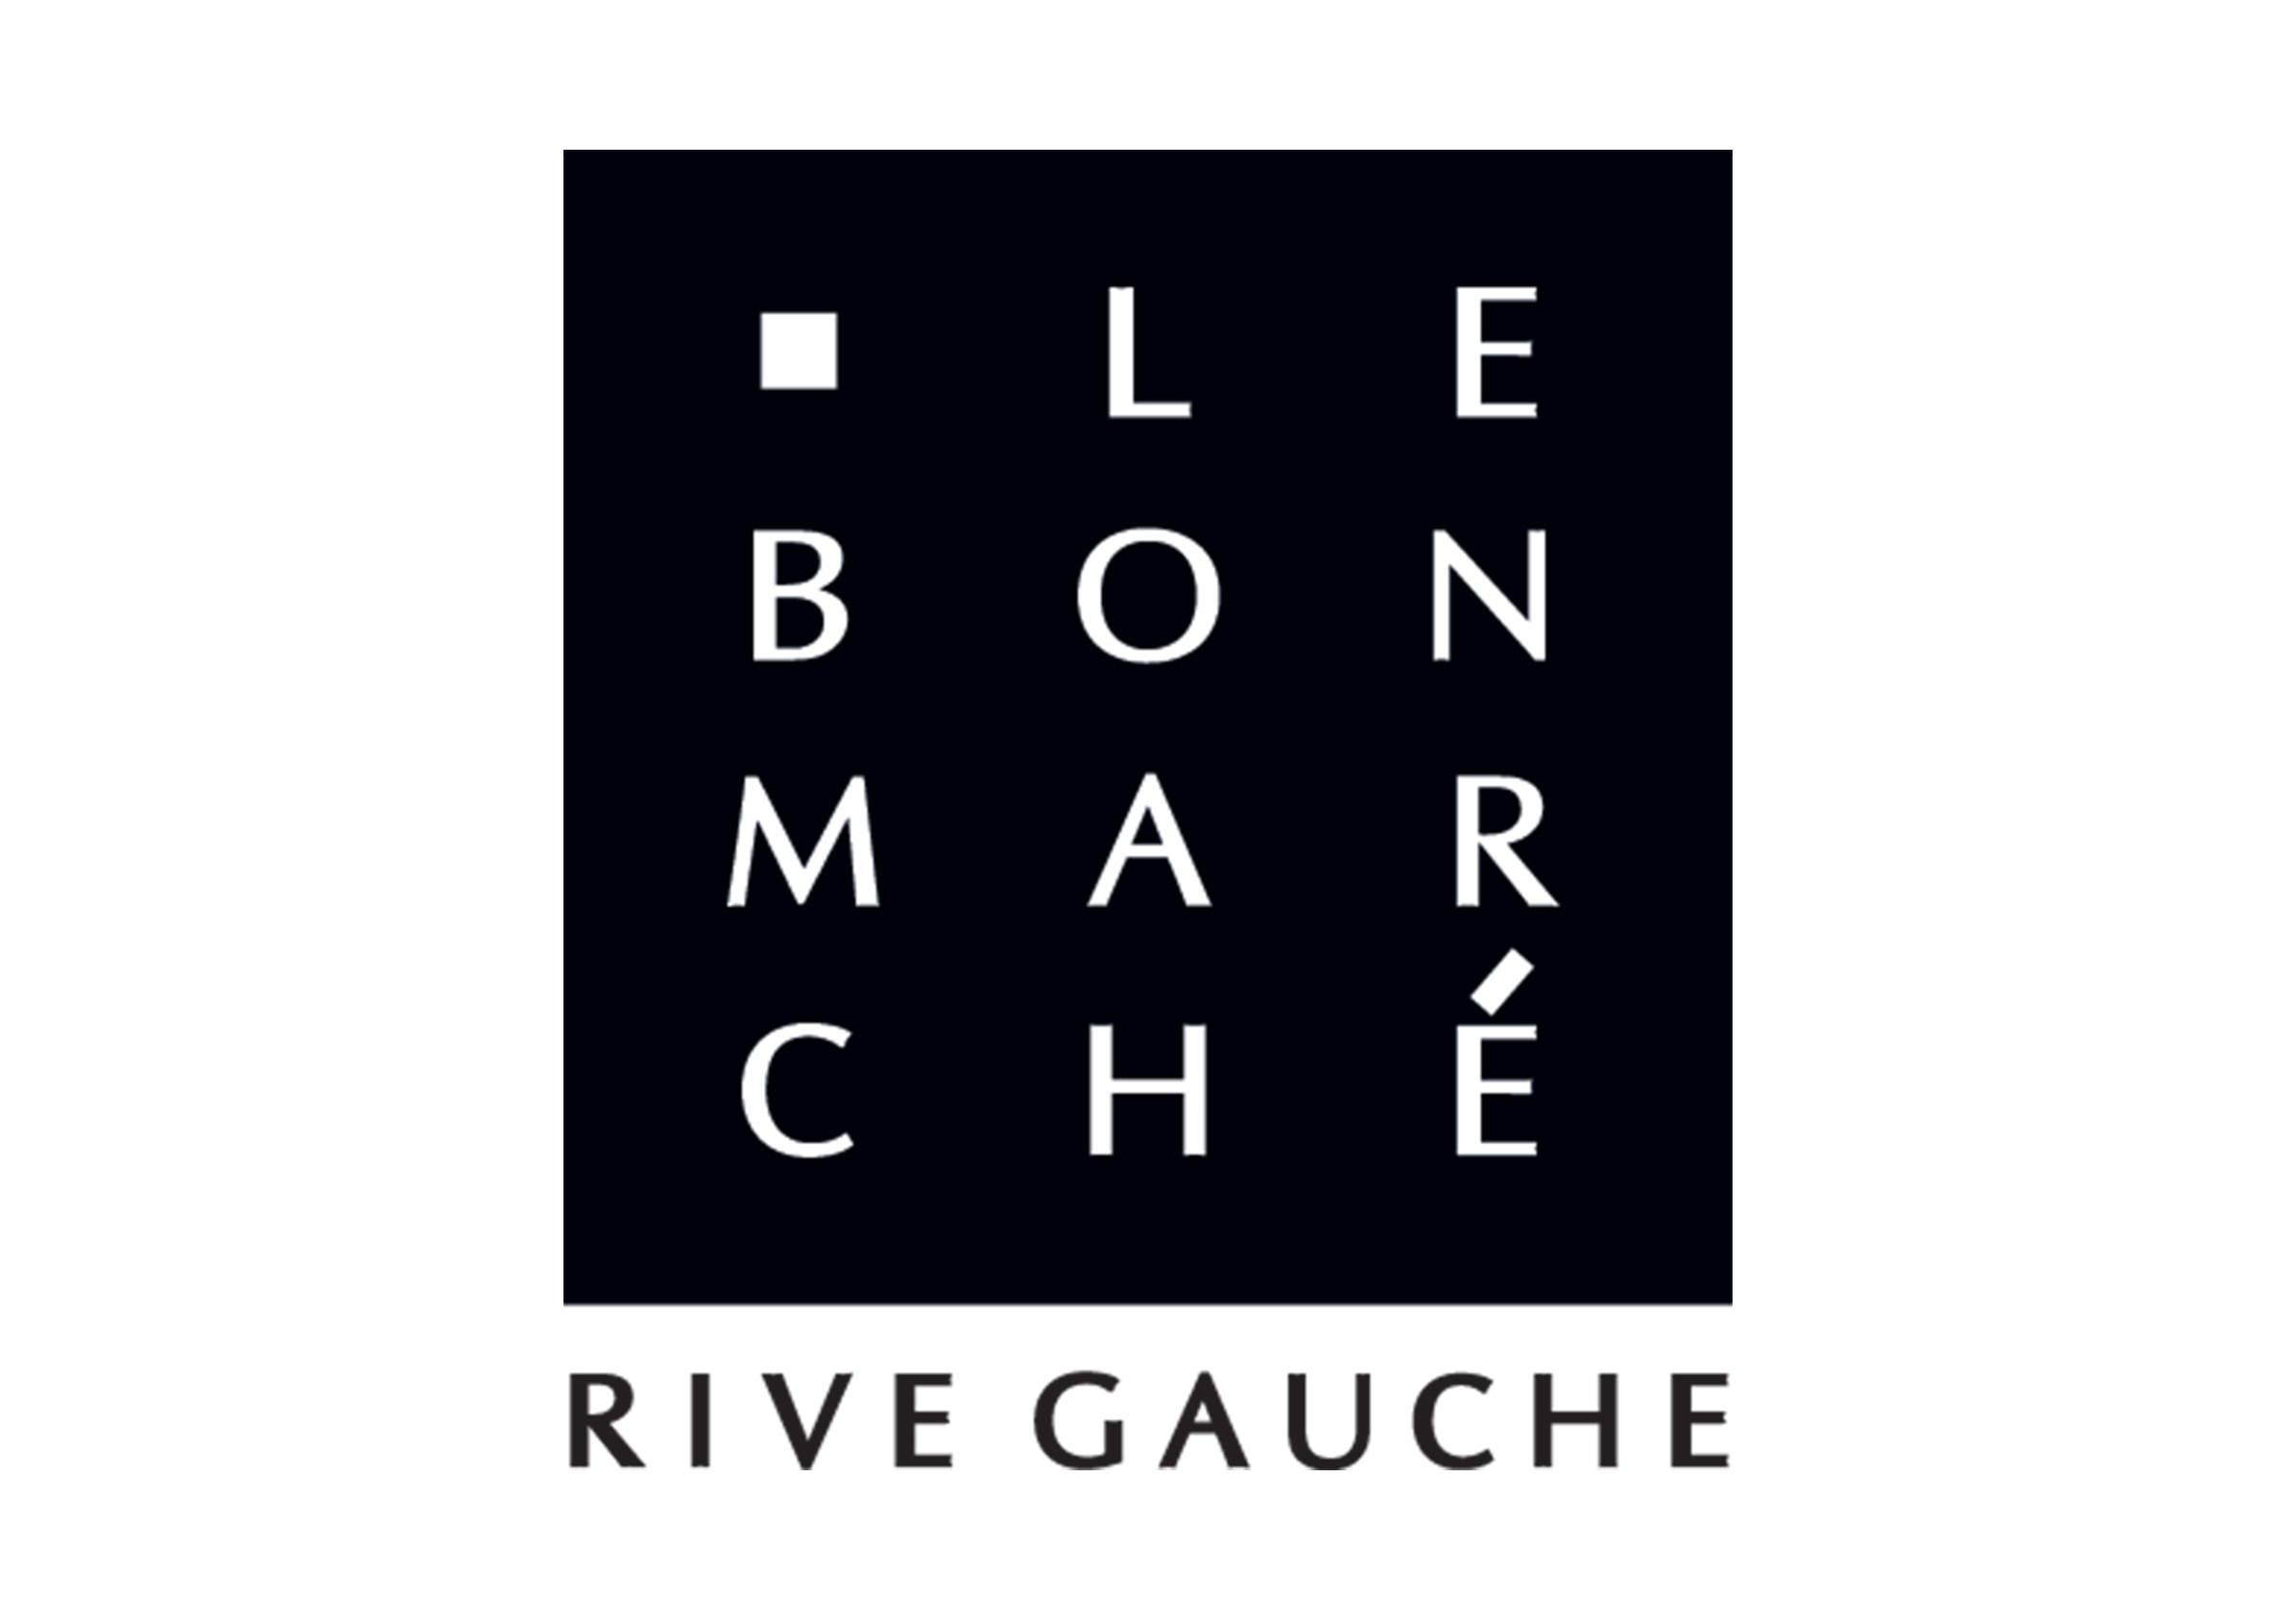 Le Bon Marche Paris